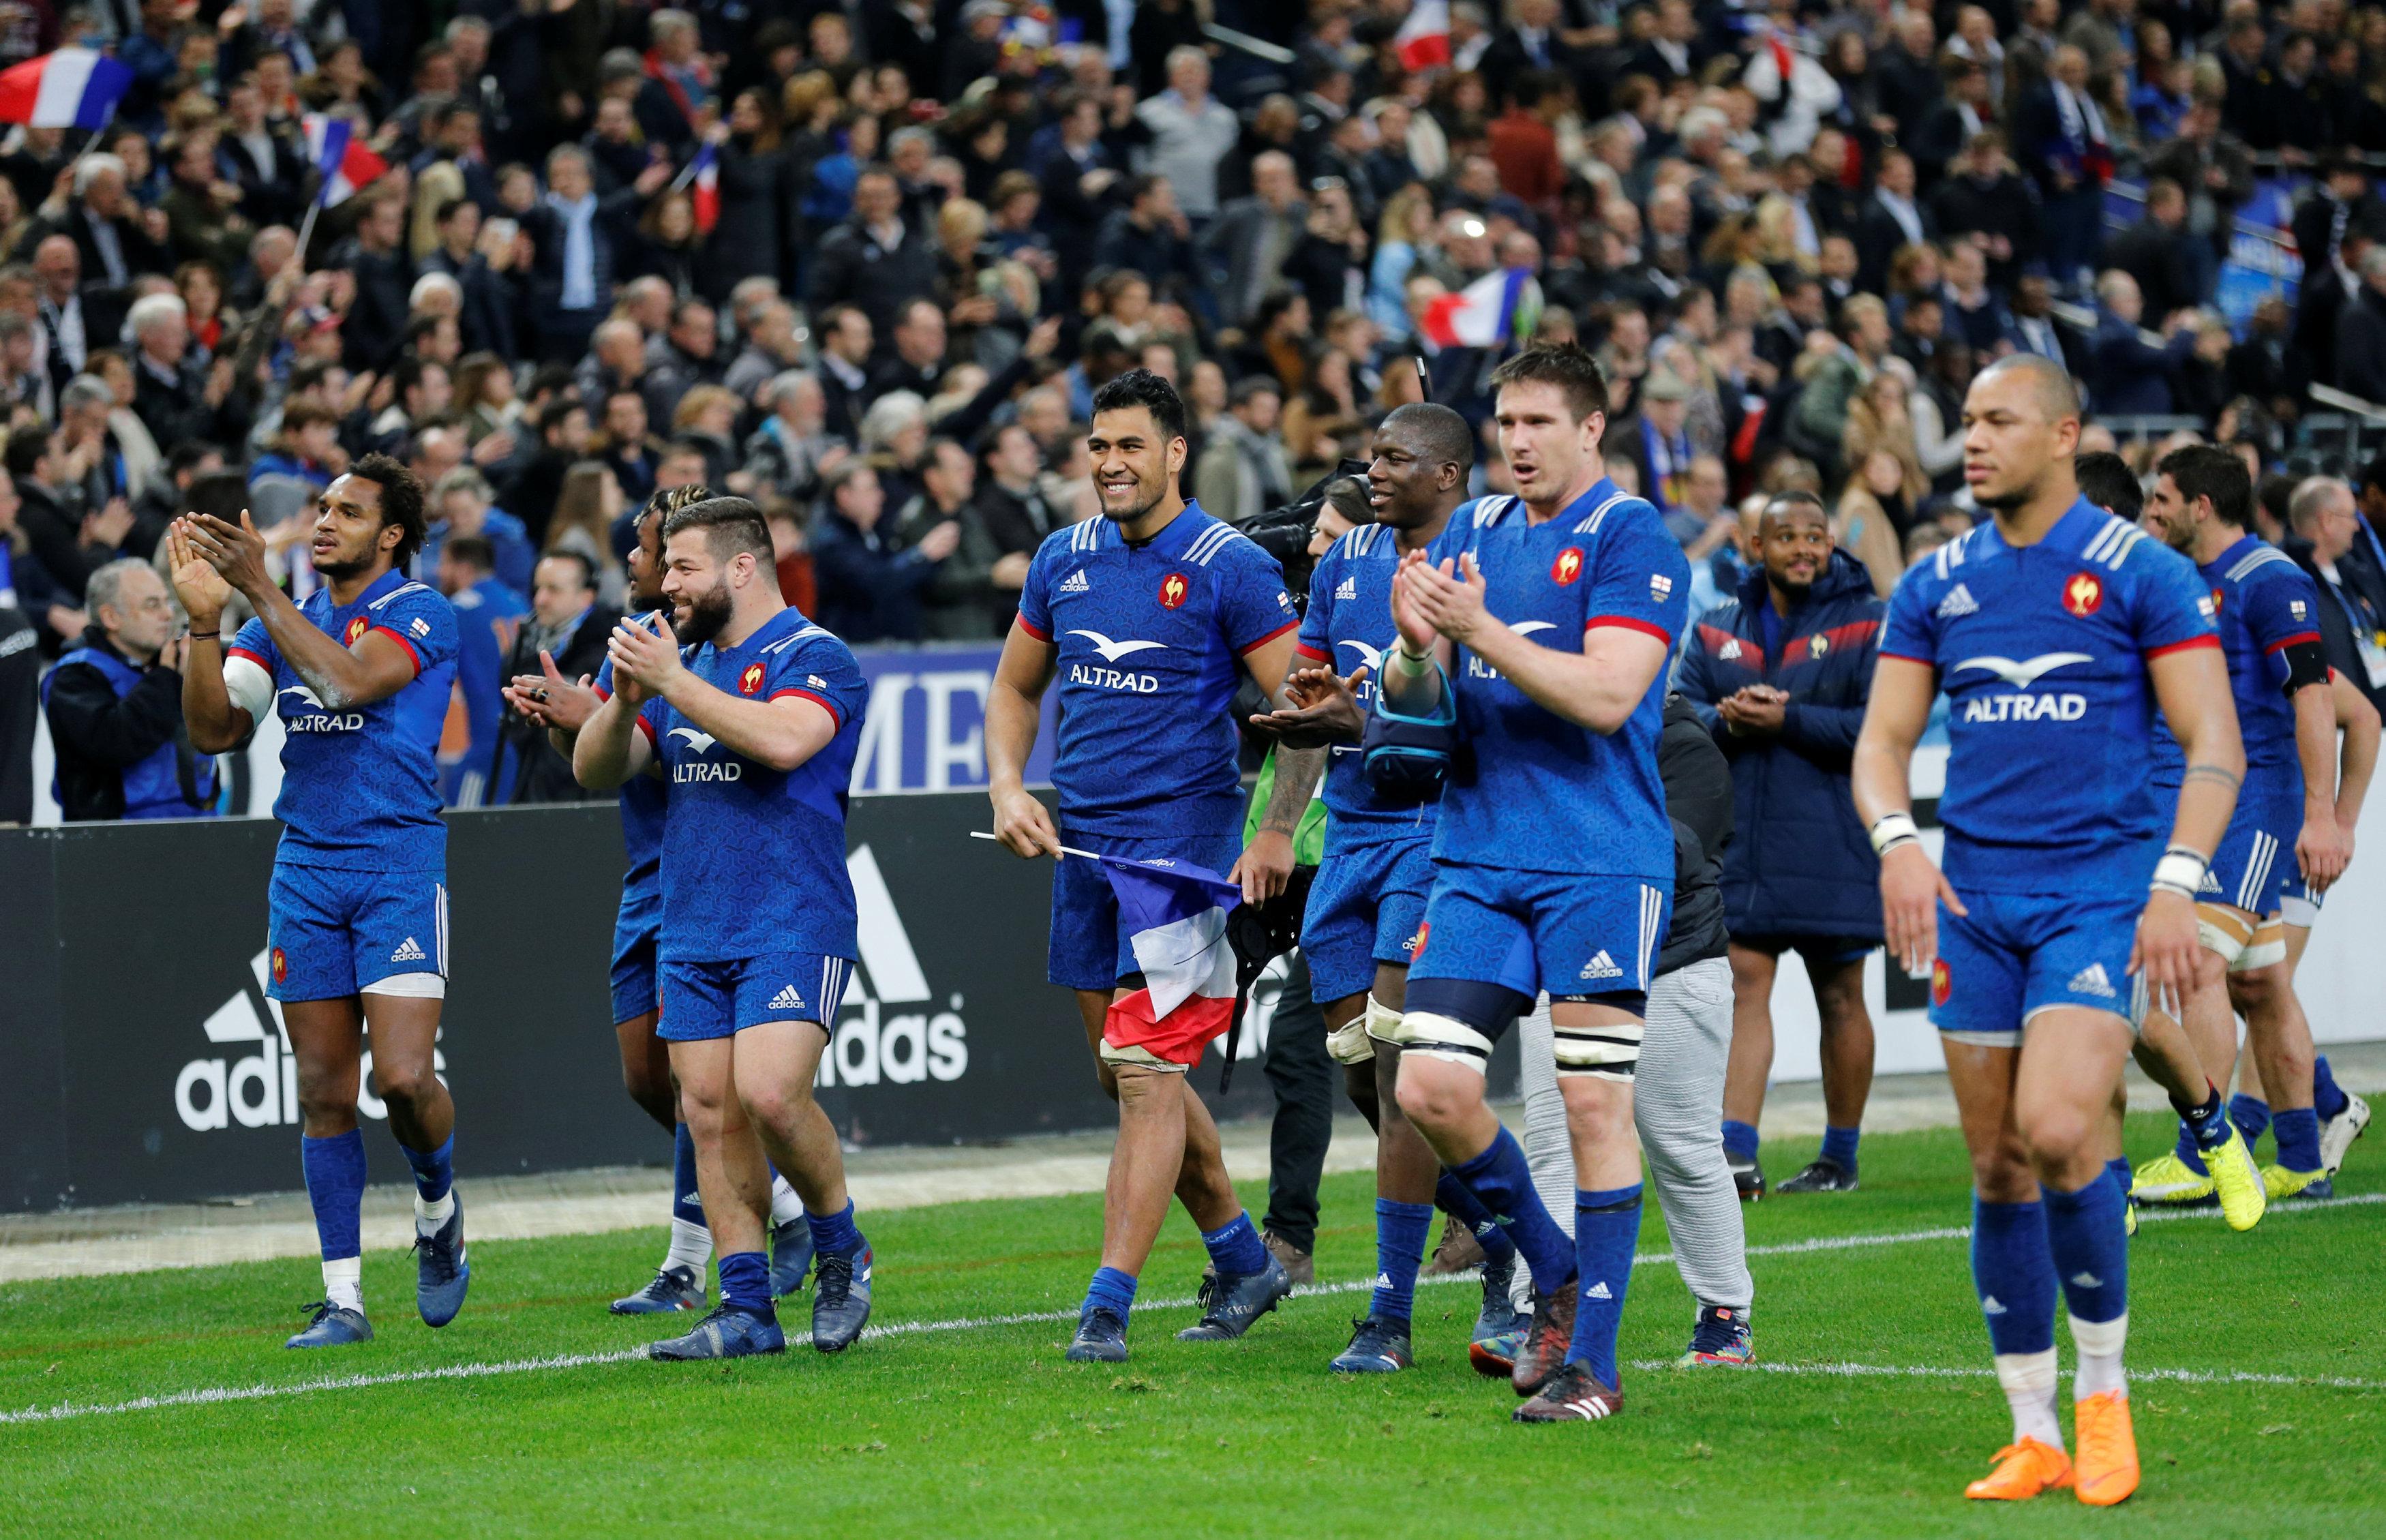 France coupe du monde de rugby actualit r sultats actualit 8 - Resultats coupe du monde rugby ...